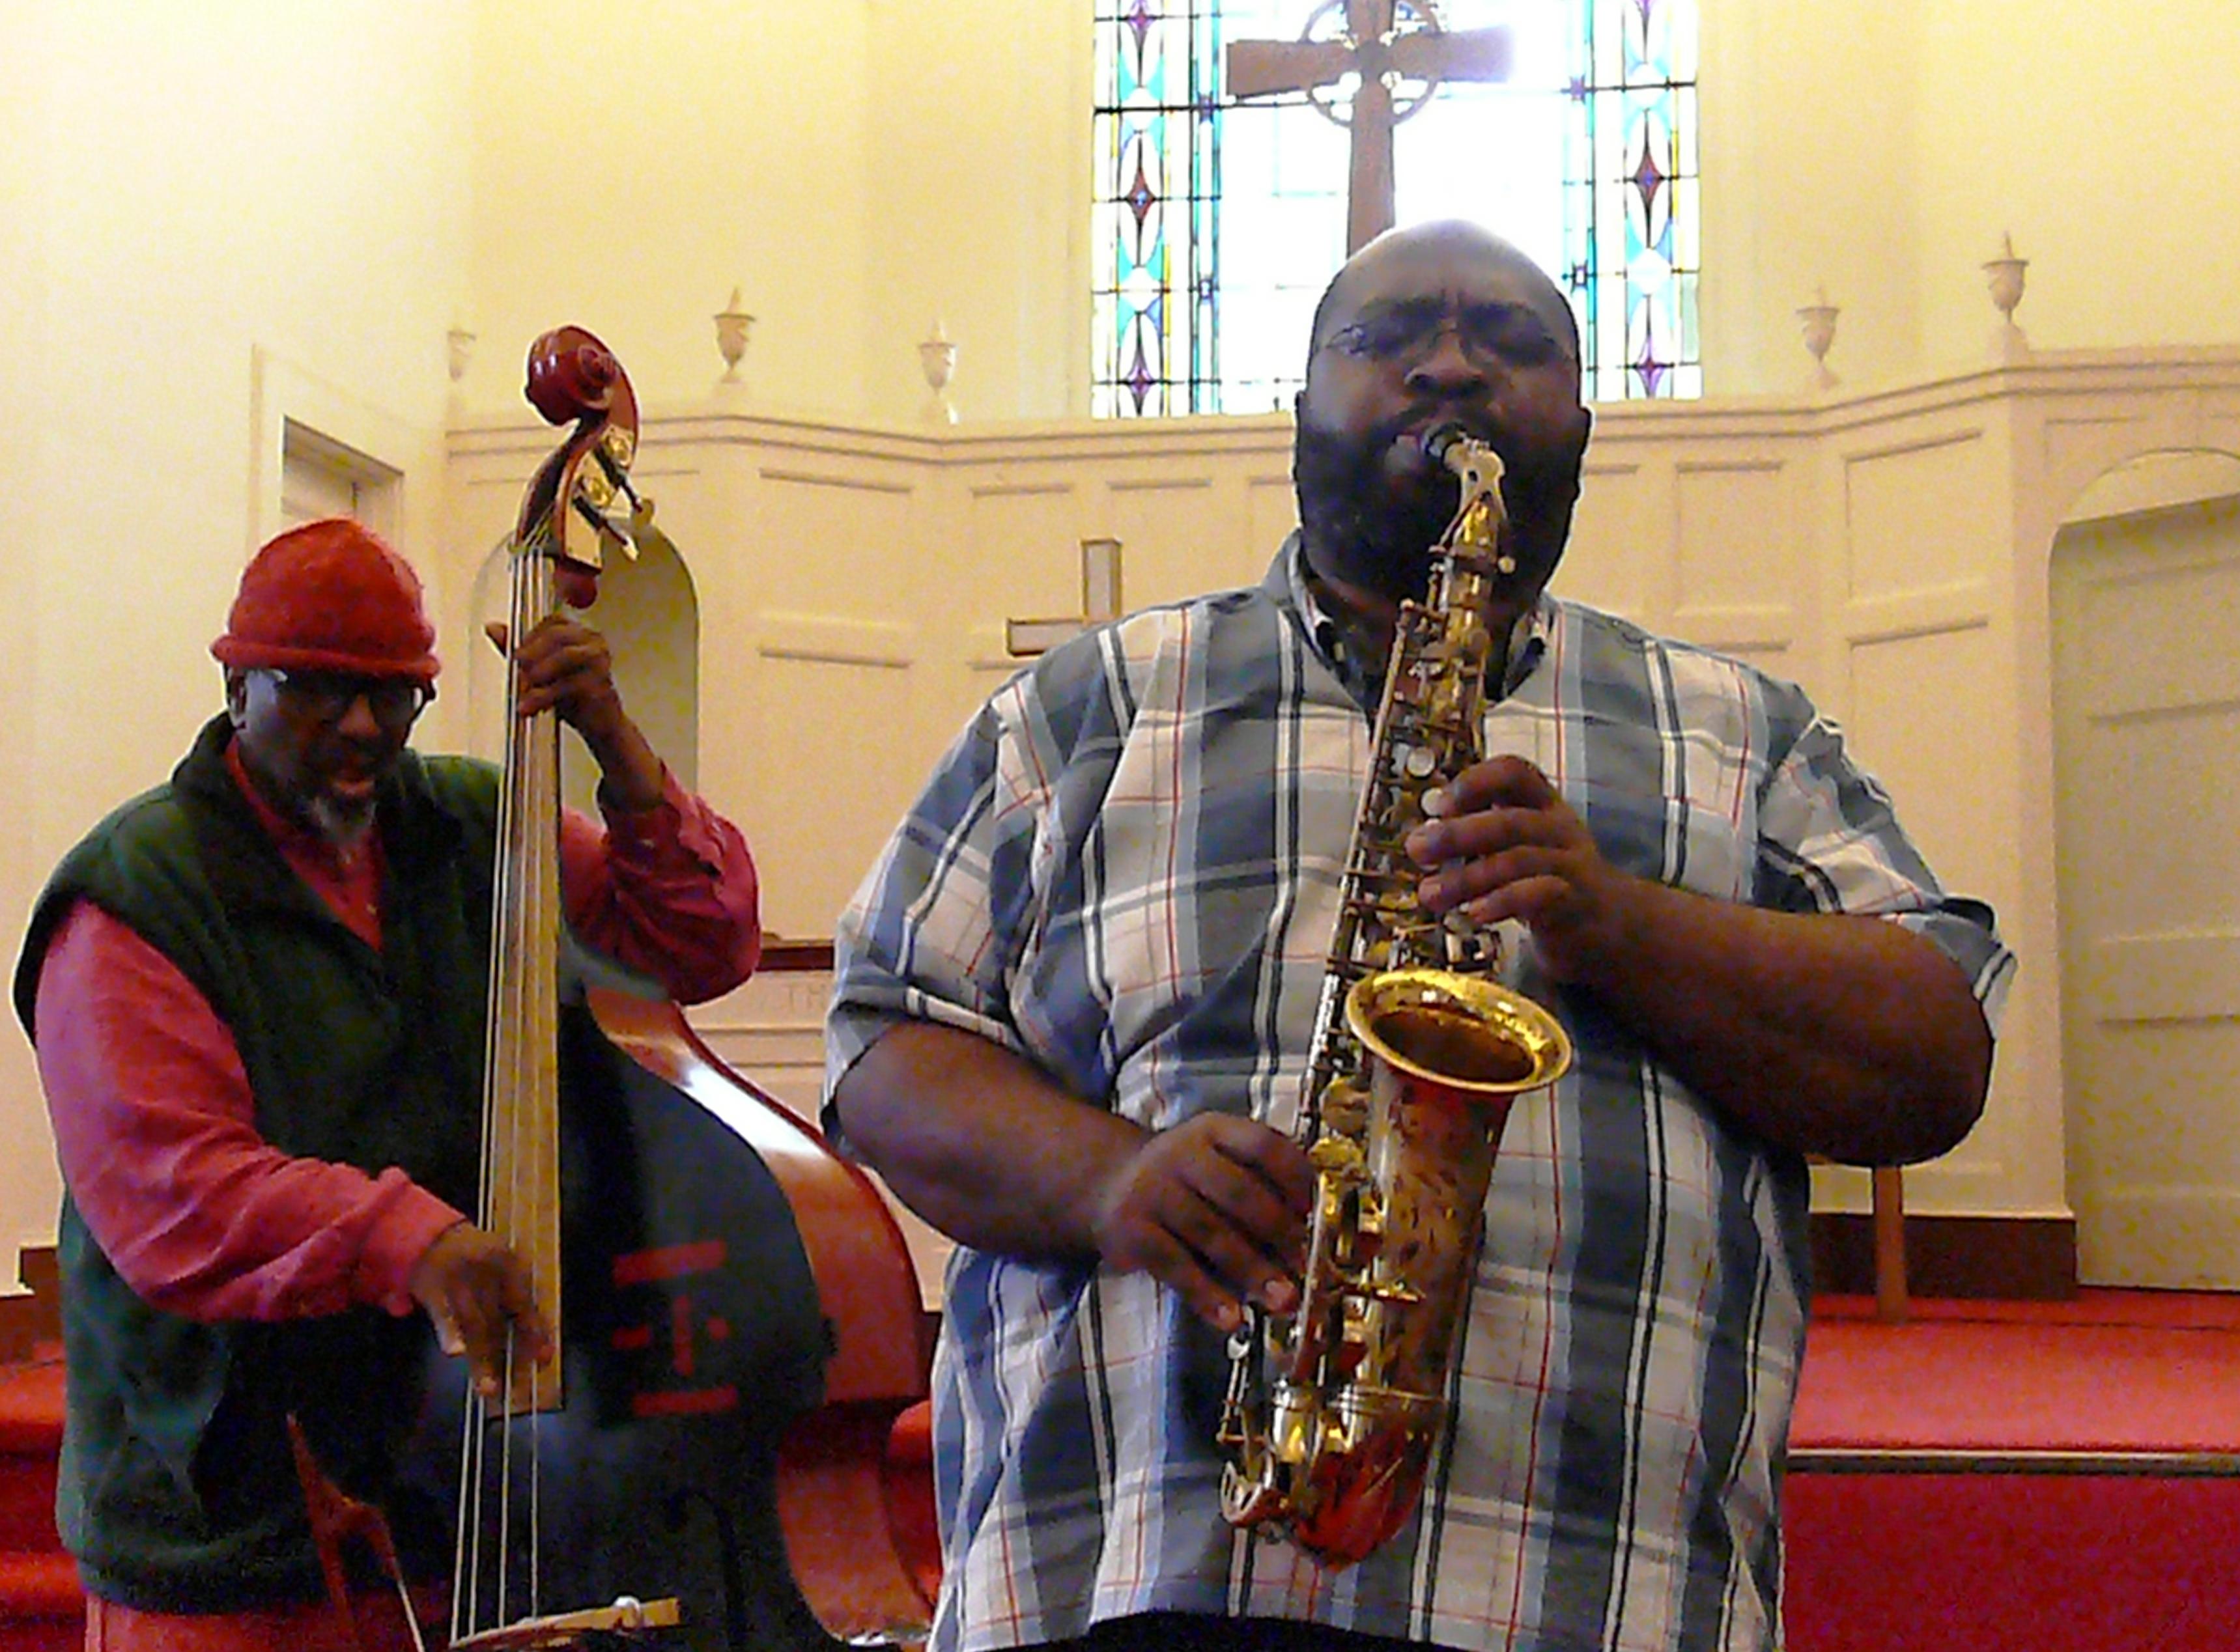 William Parker and Darius Jones at Rendall Memorial Presbyterian Church, Harlem, NYC in October 2016